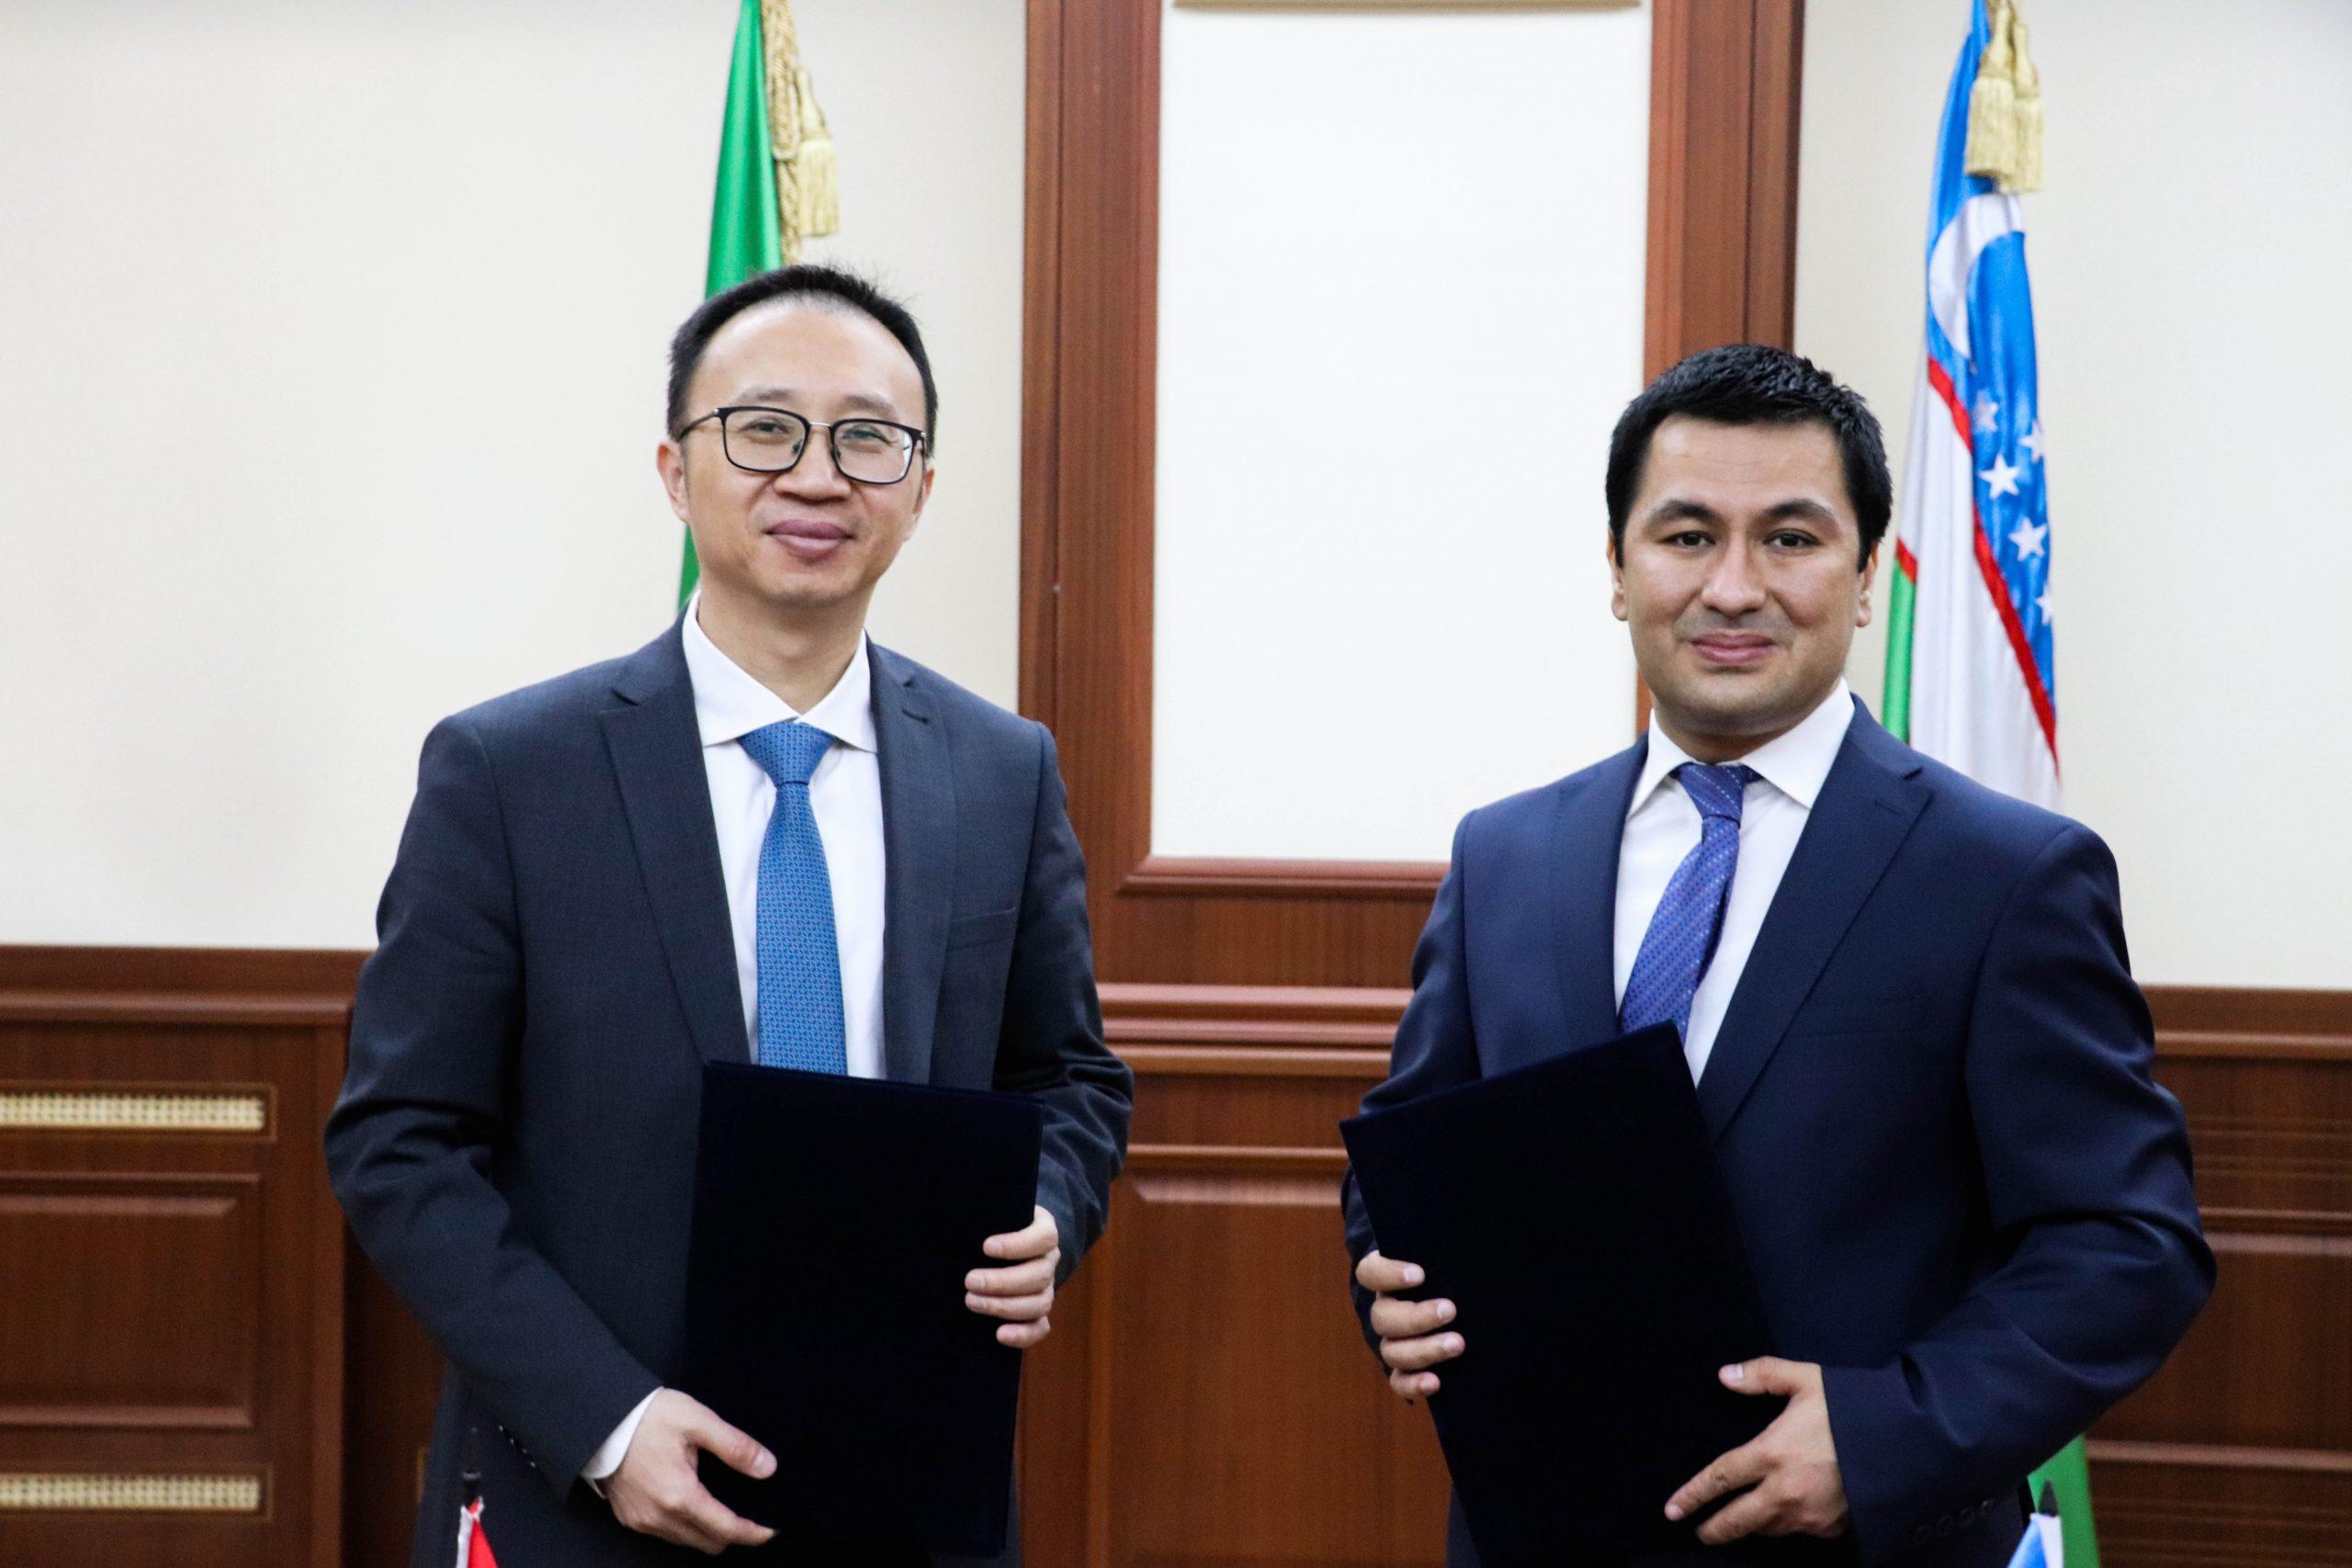 """Toshkent shahridagi Turin Politexnika Universiteti va """"Huawei Tech Investment Tashkent"""" MChJ o'rtasida o'zaro anglashuv memorandumi imzolandi."""